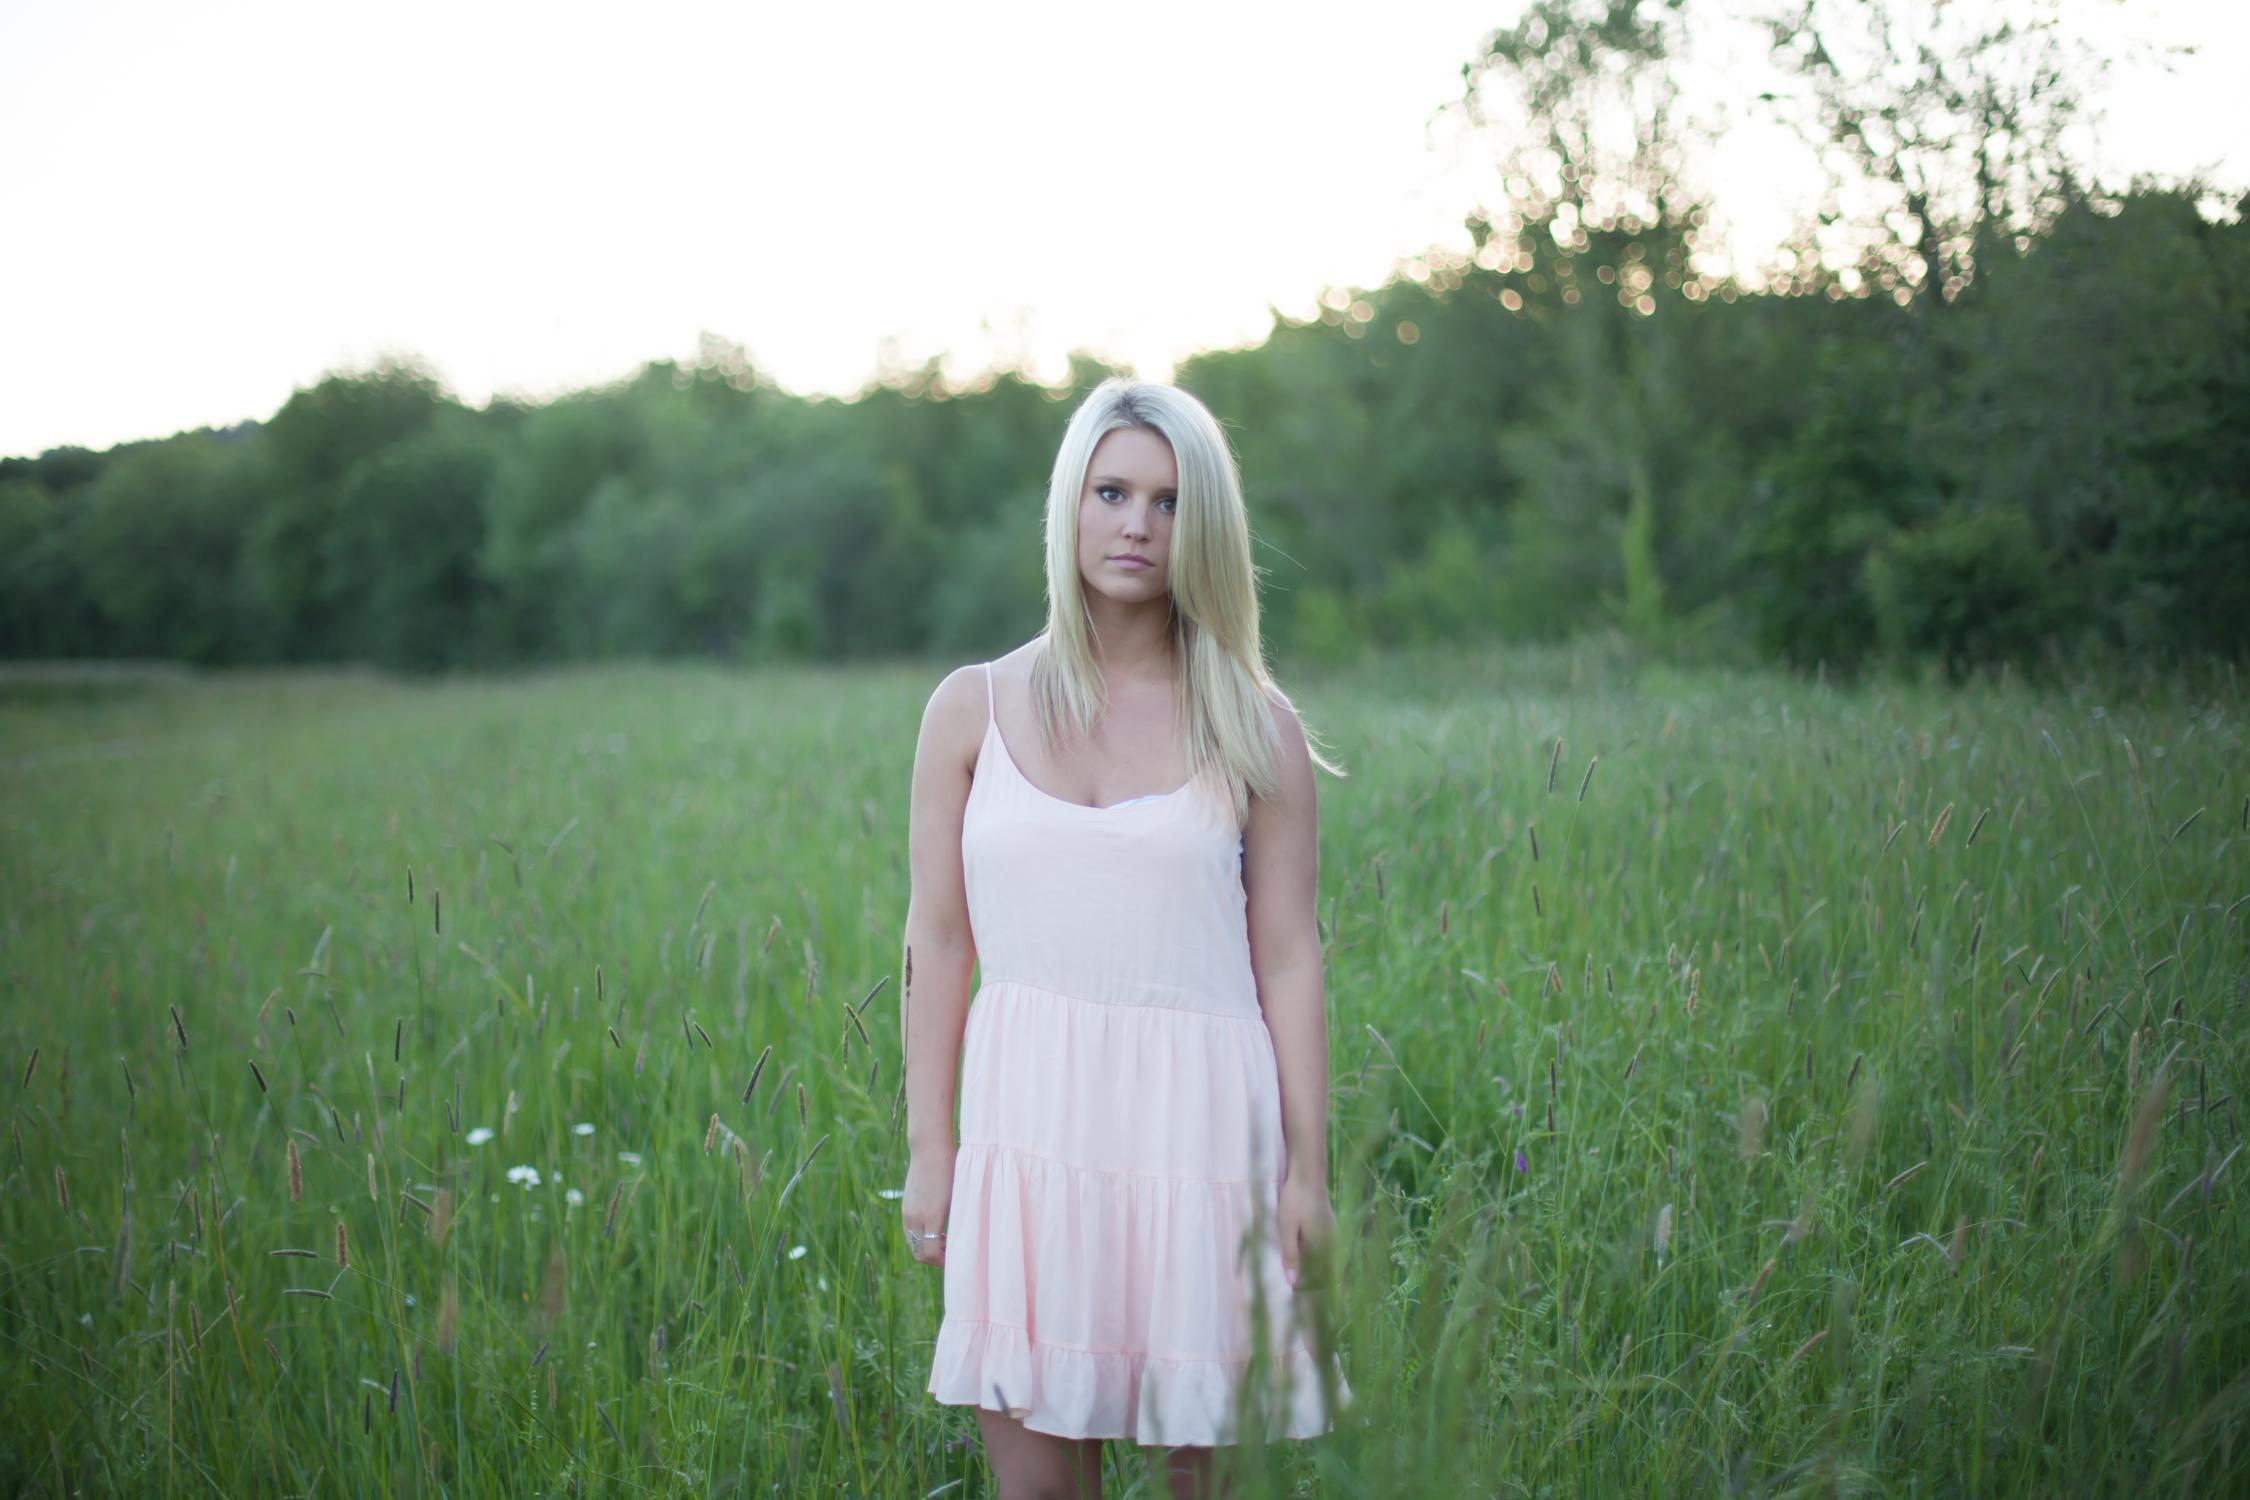 olivia_ashton_photography_kelsey3